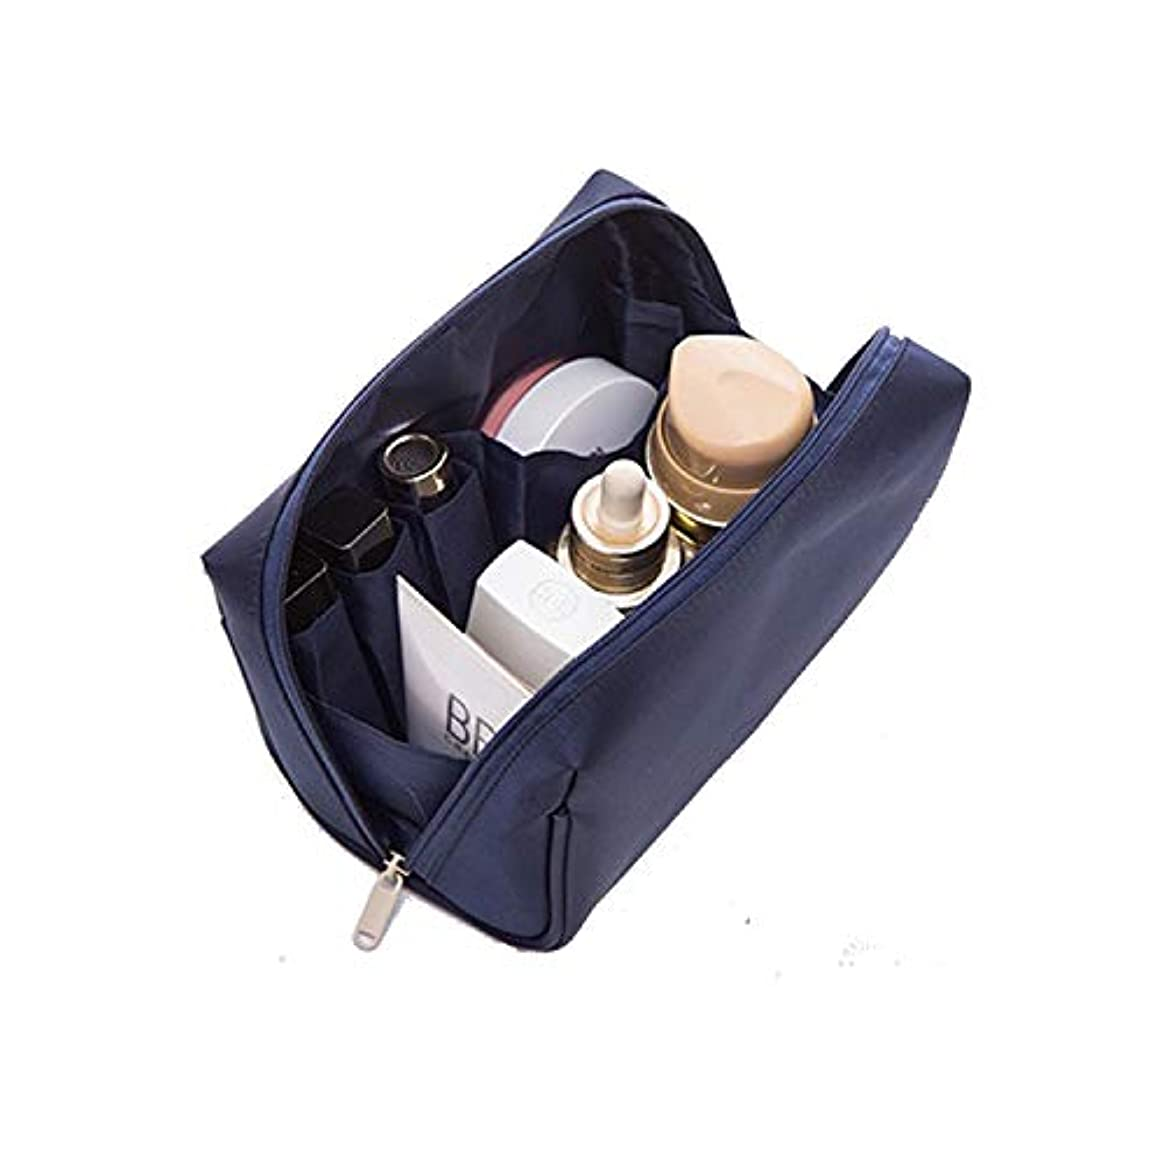 使い込むパッケージ教科書化粧ポーチ 小物入れ コスメポーチ 化粧 メイク ポーチ 多機能防水 大容量